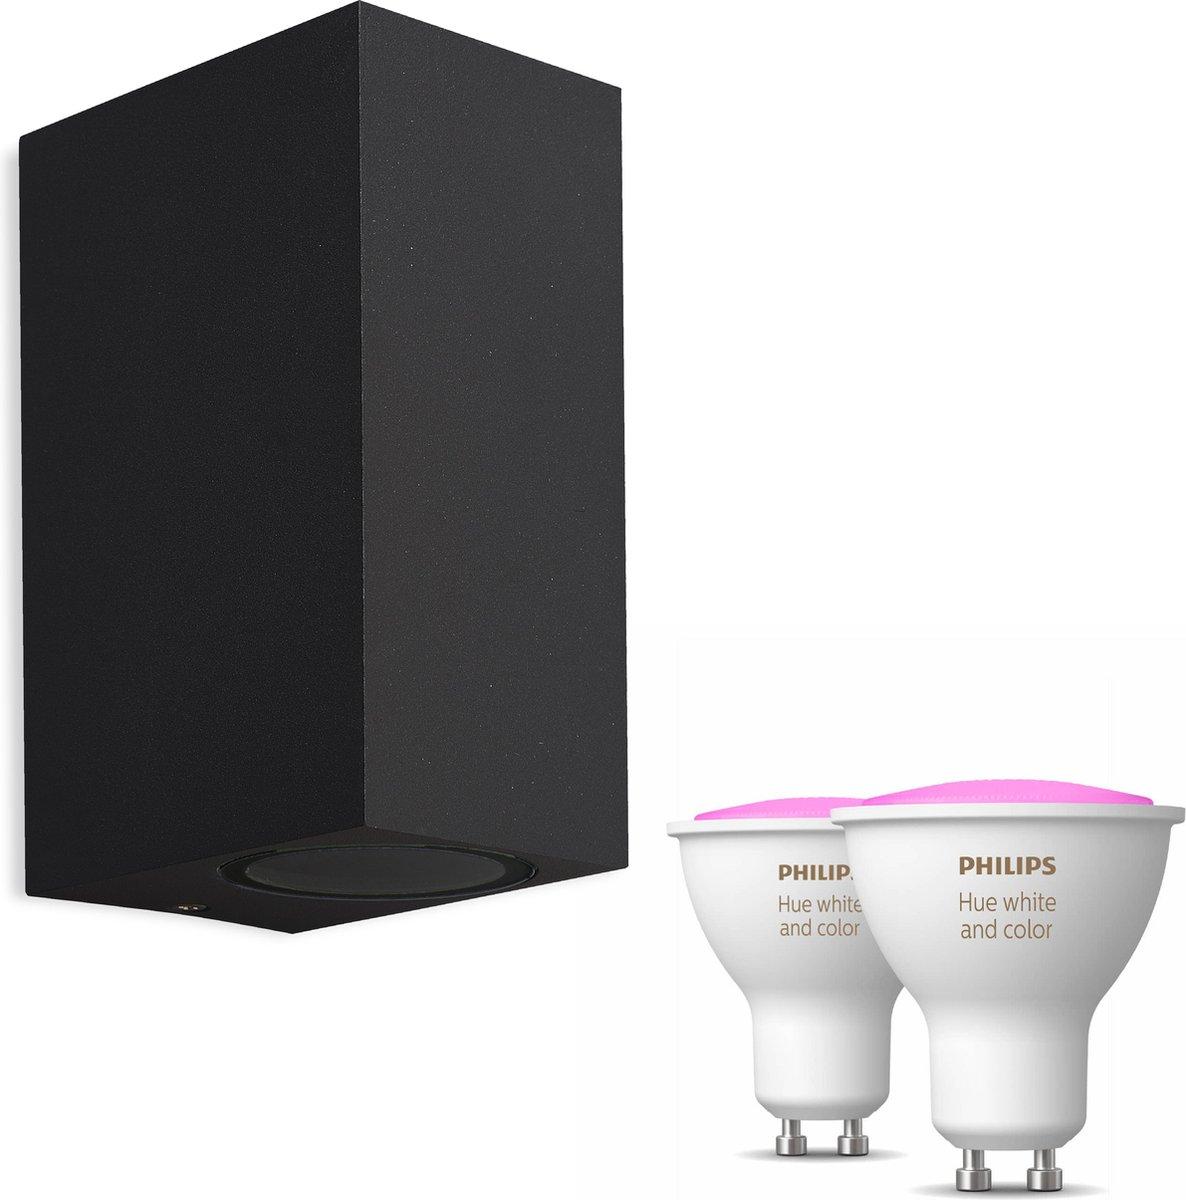 Mantra Kandachu wandlamp rechthoekig - zwart - 2 lichtpunten - Incl. Philips Hue White & Color Ambiance Gu10 (geschikt voor buitengebruik)